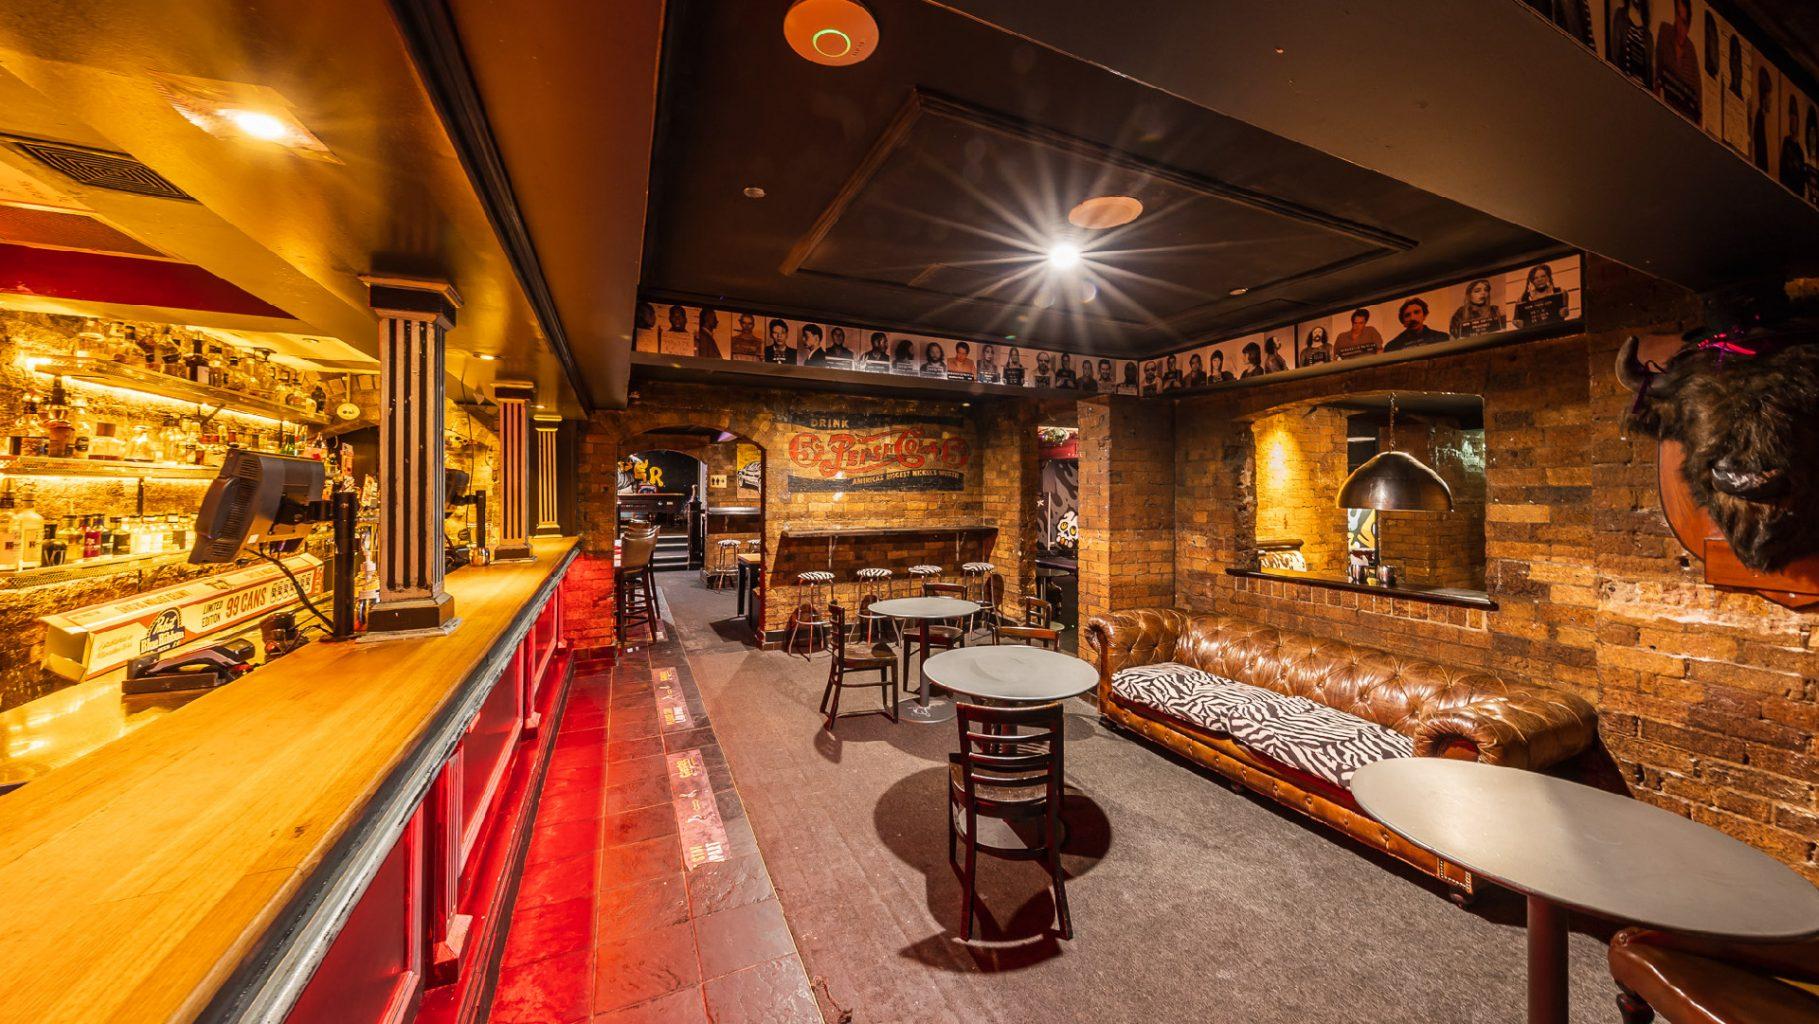 Greaser Bar